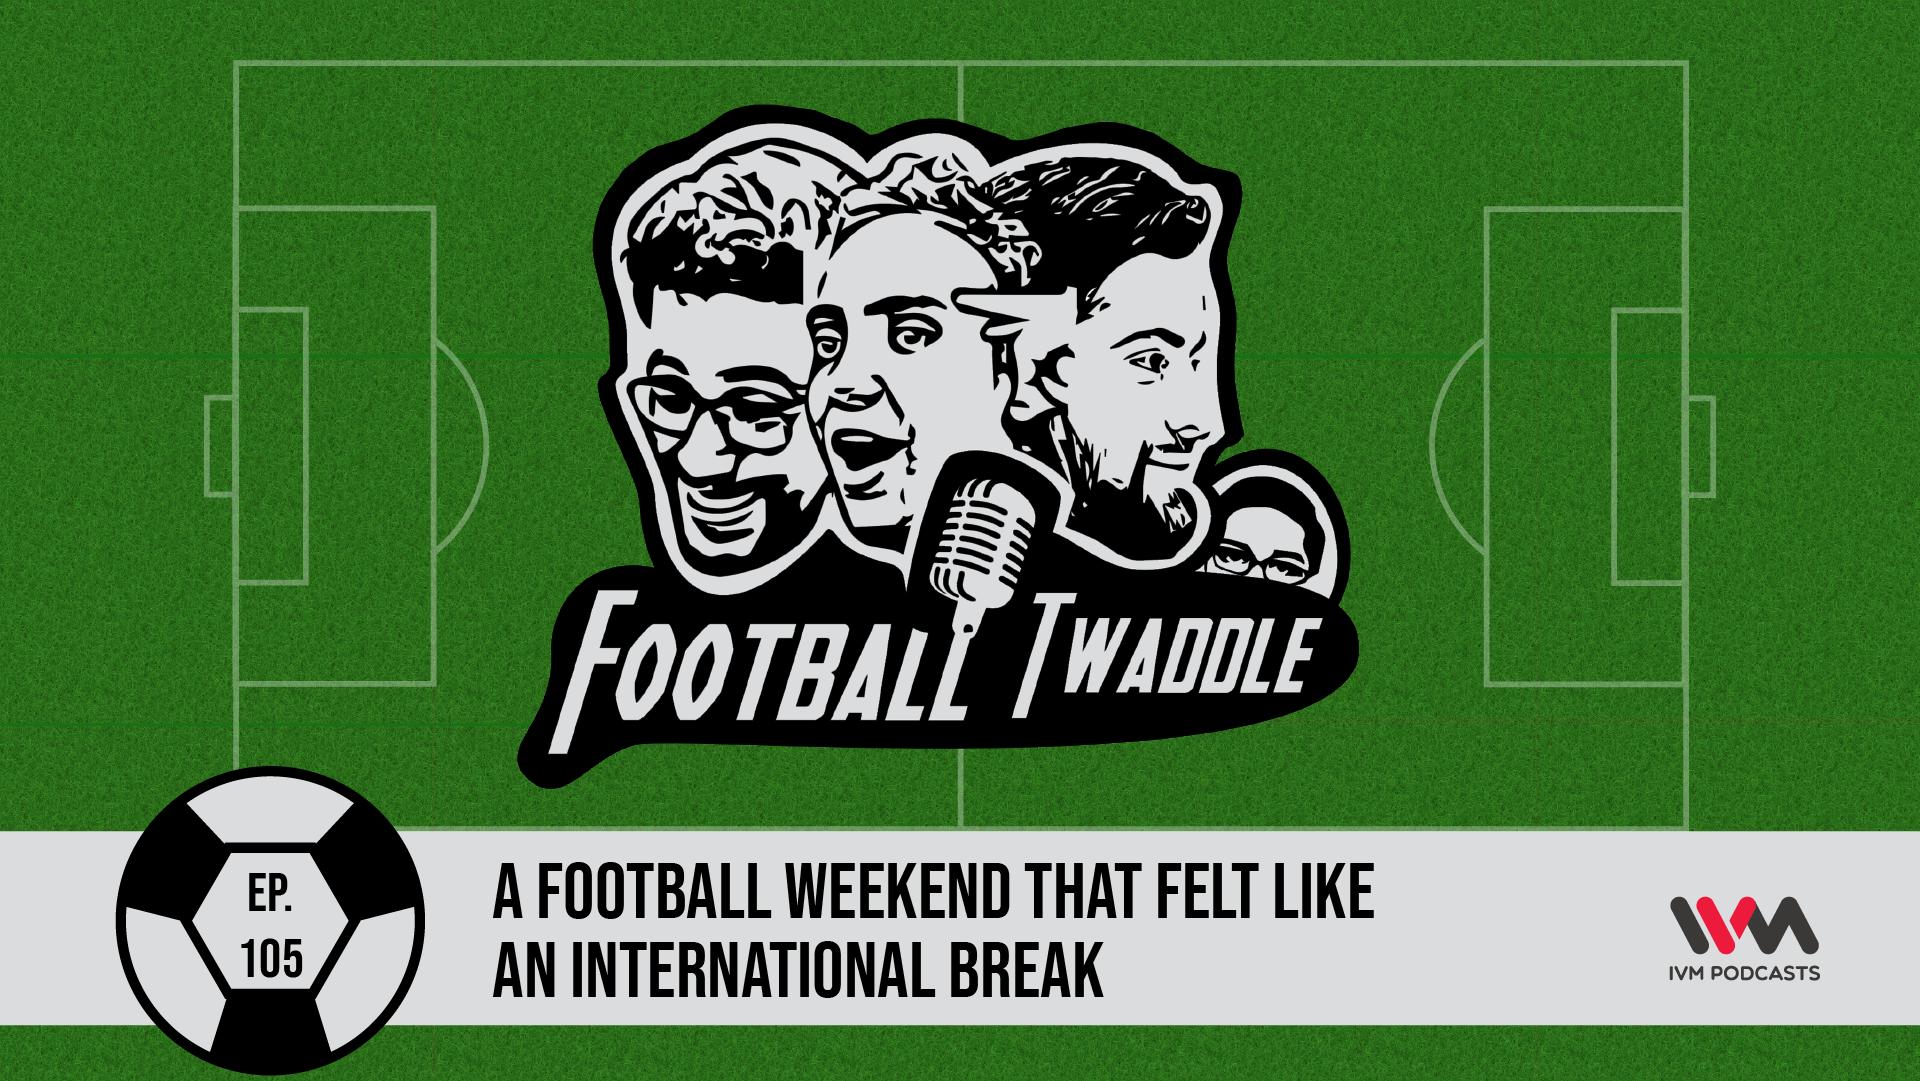 FootballTwaddleEpisode105.png